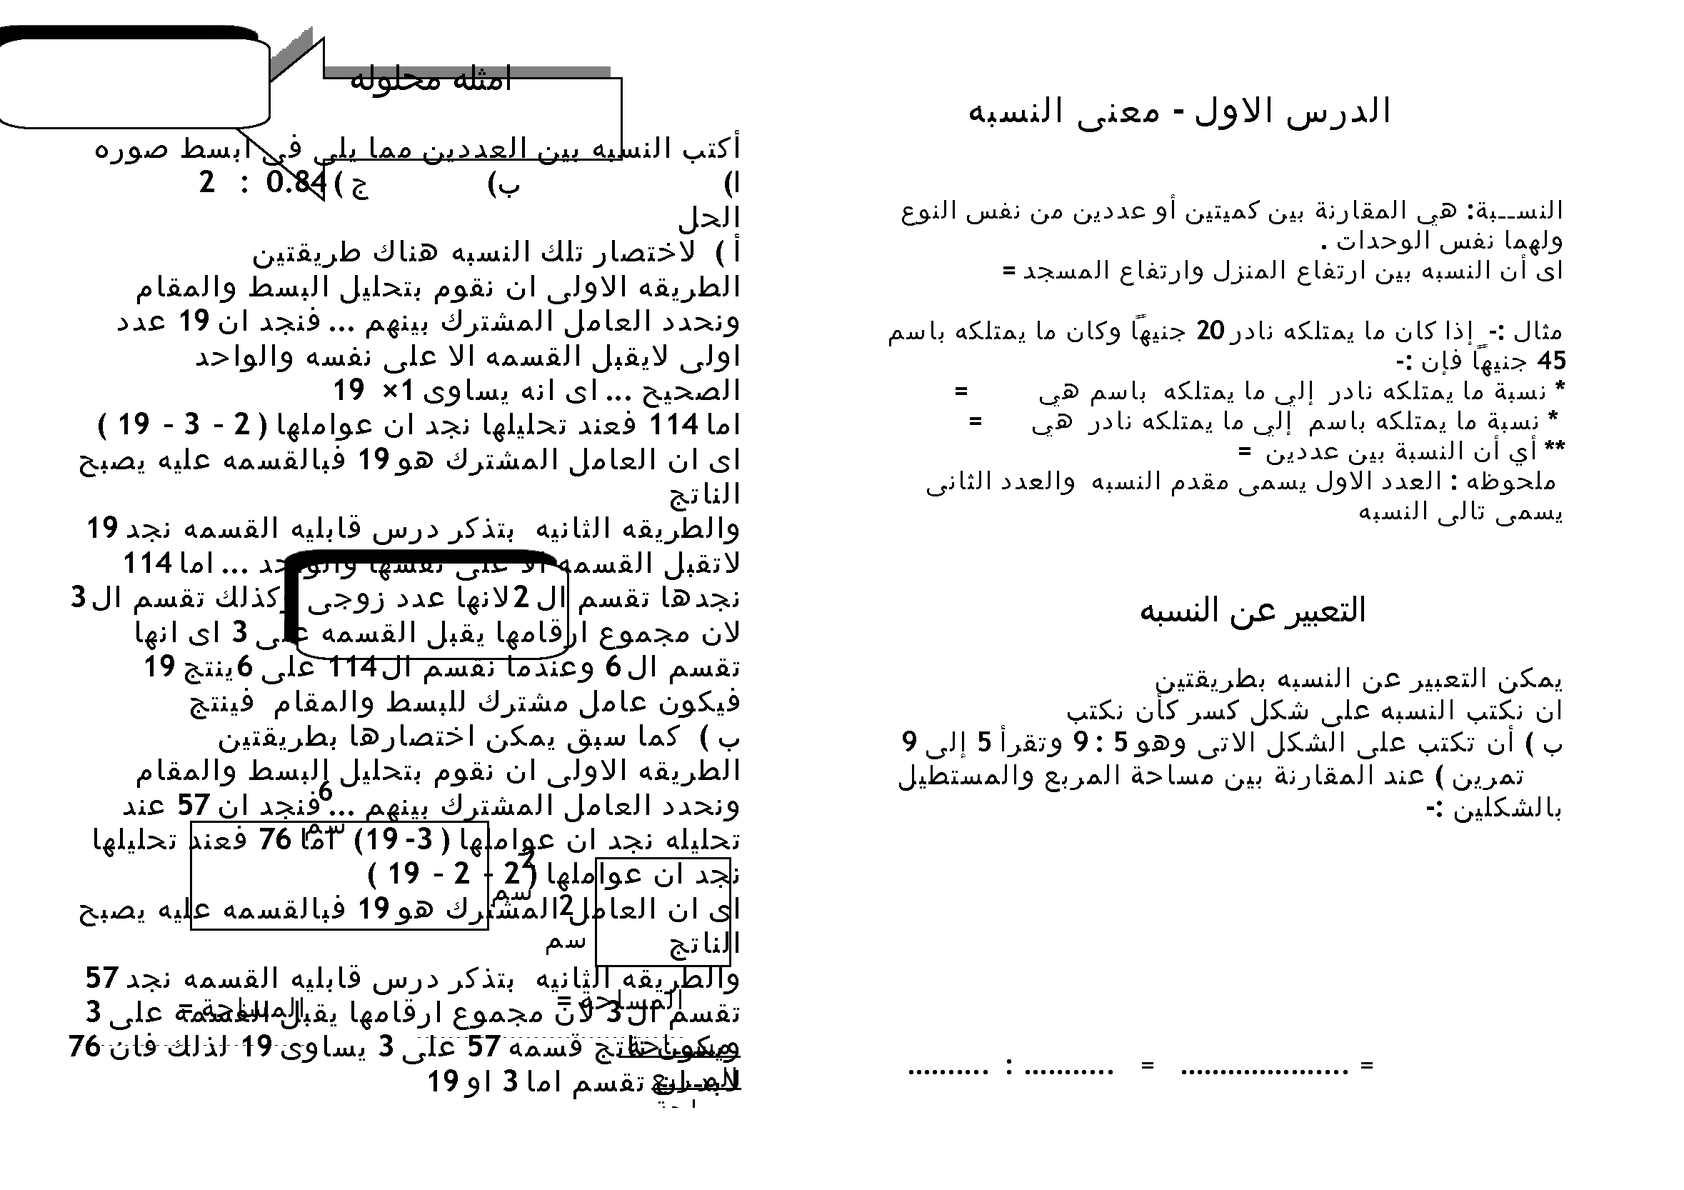 منهج الصف السادس الجديد في السودان